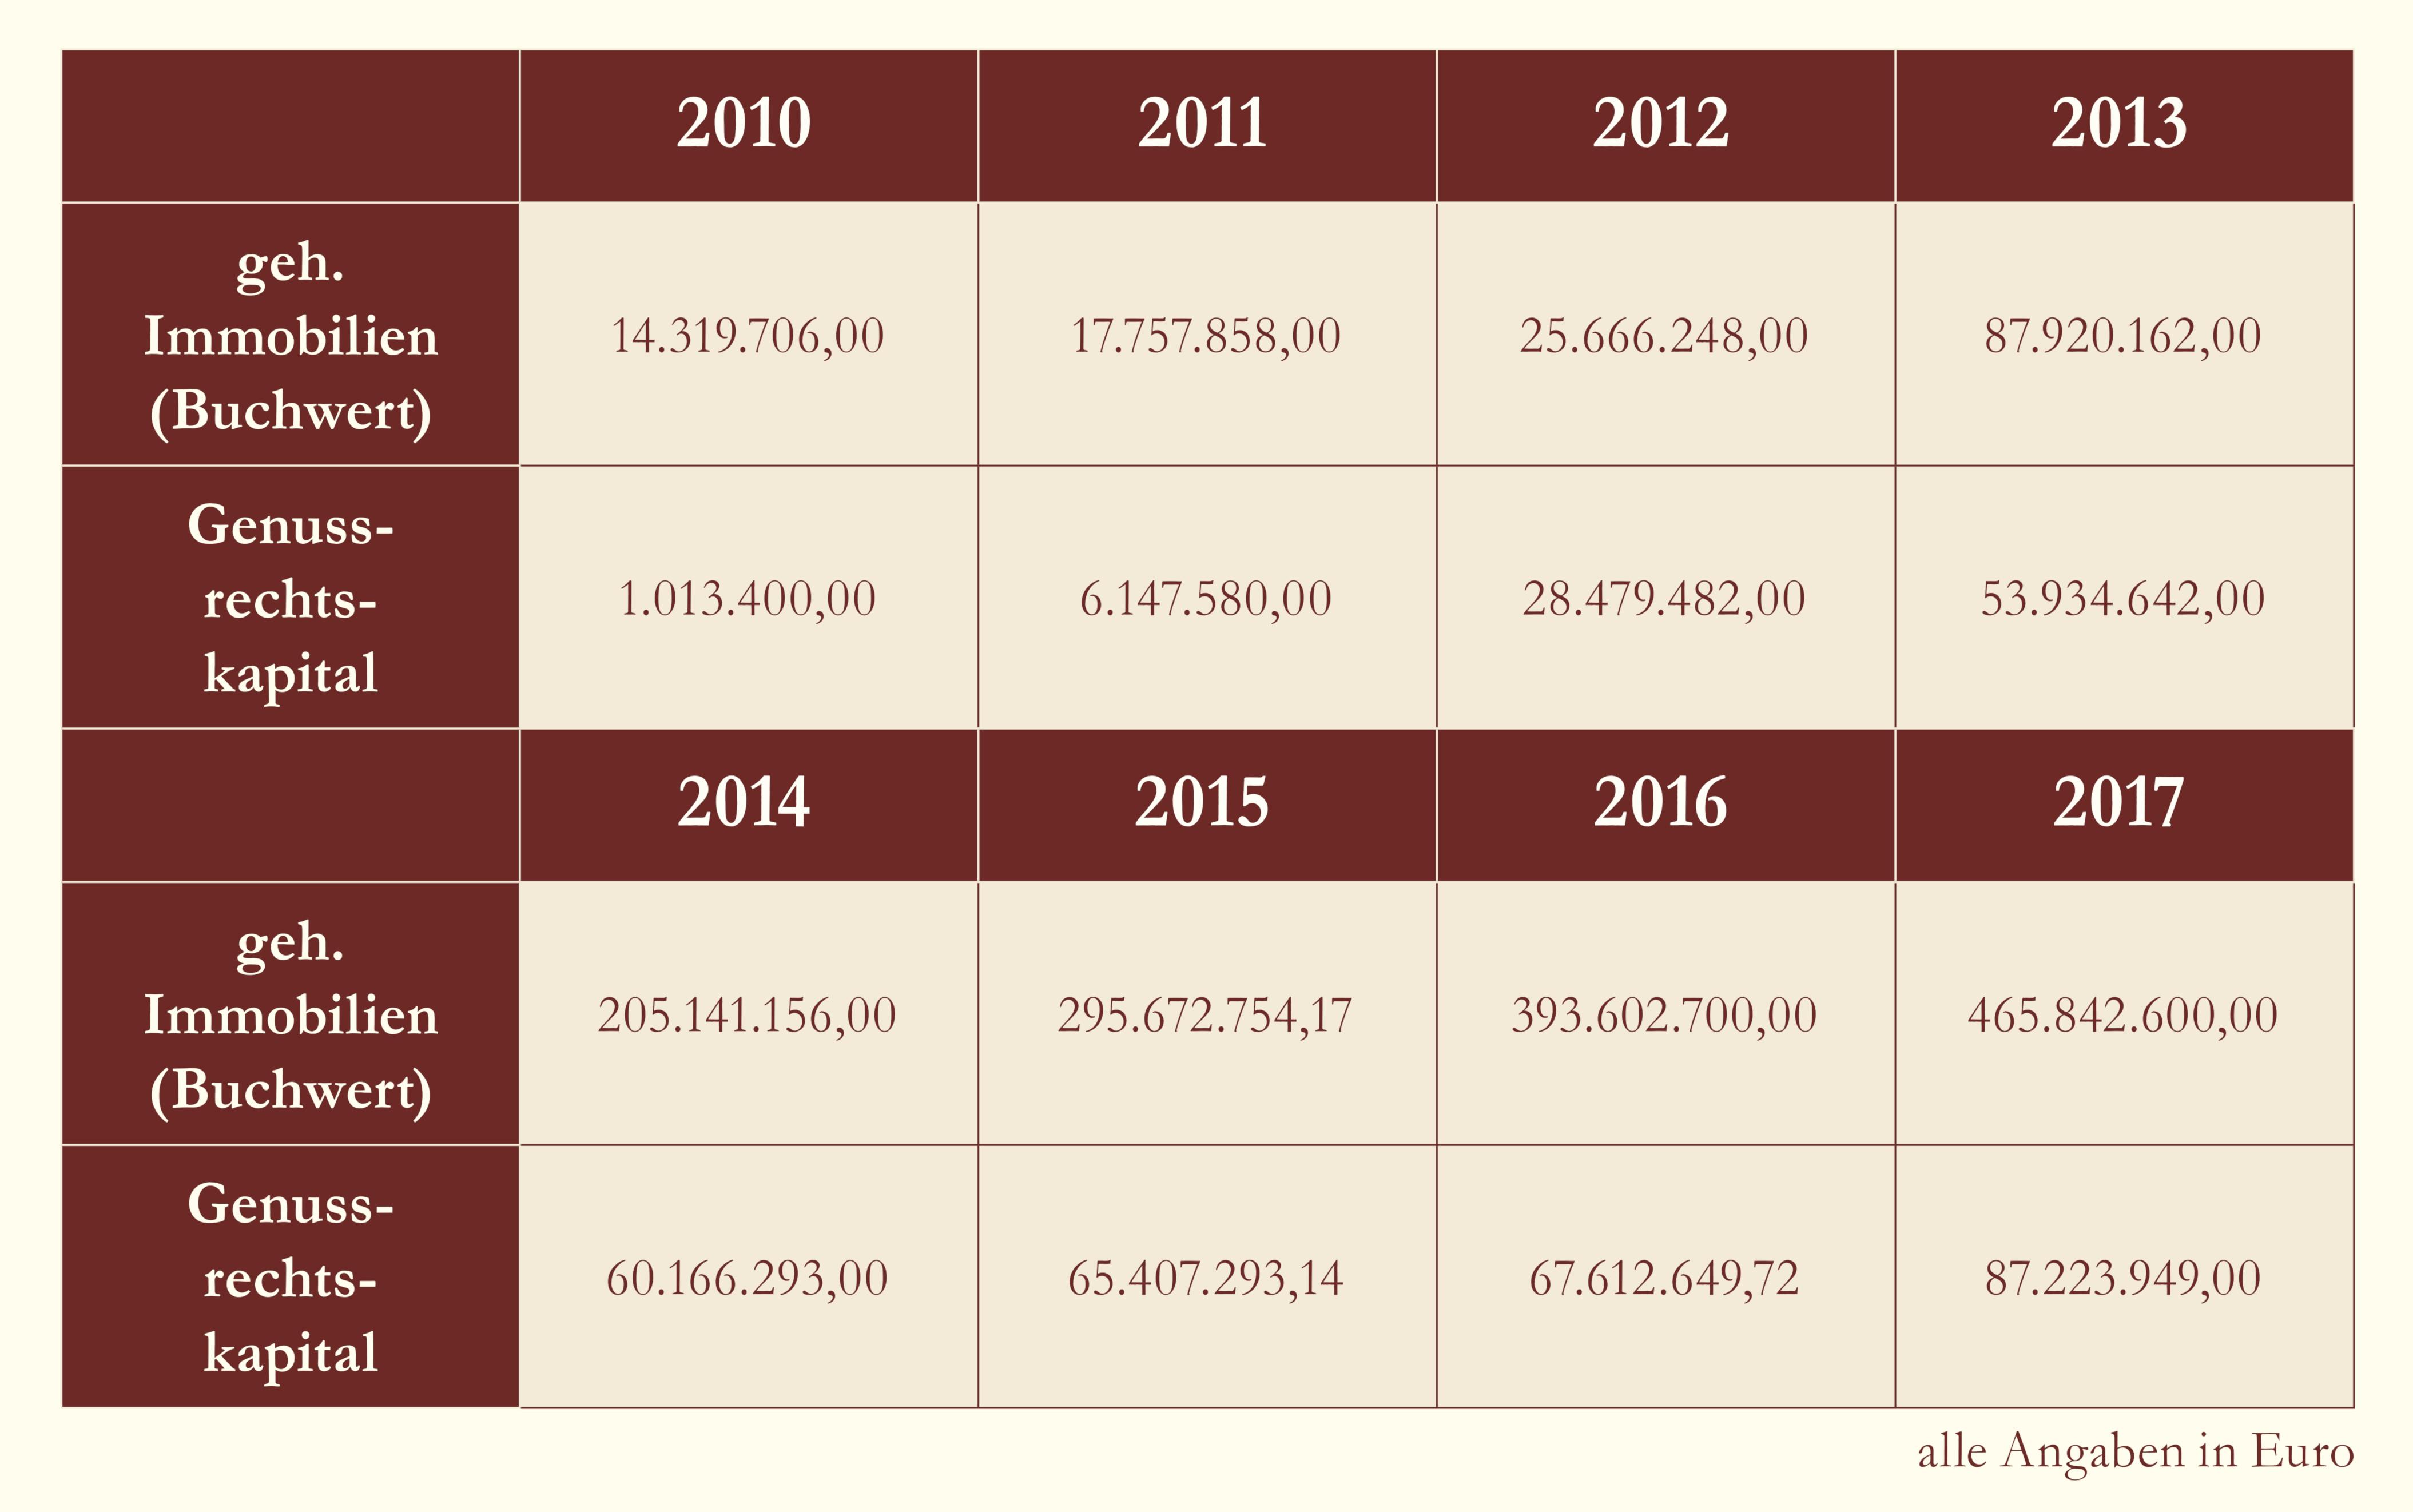 gehaltene Immobilien (Buchwert) & Genussrechtskapital